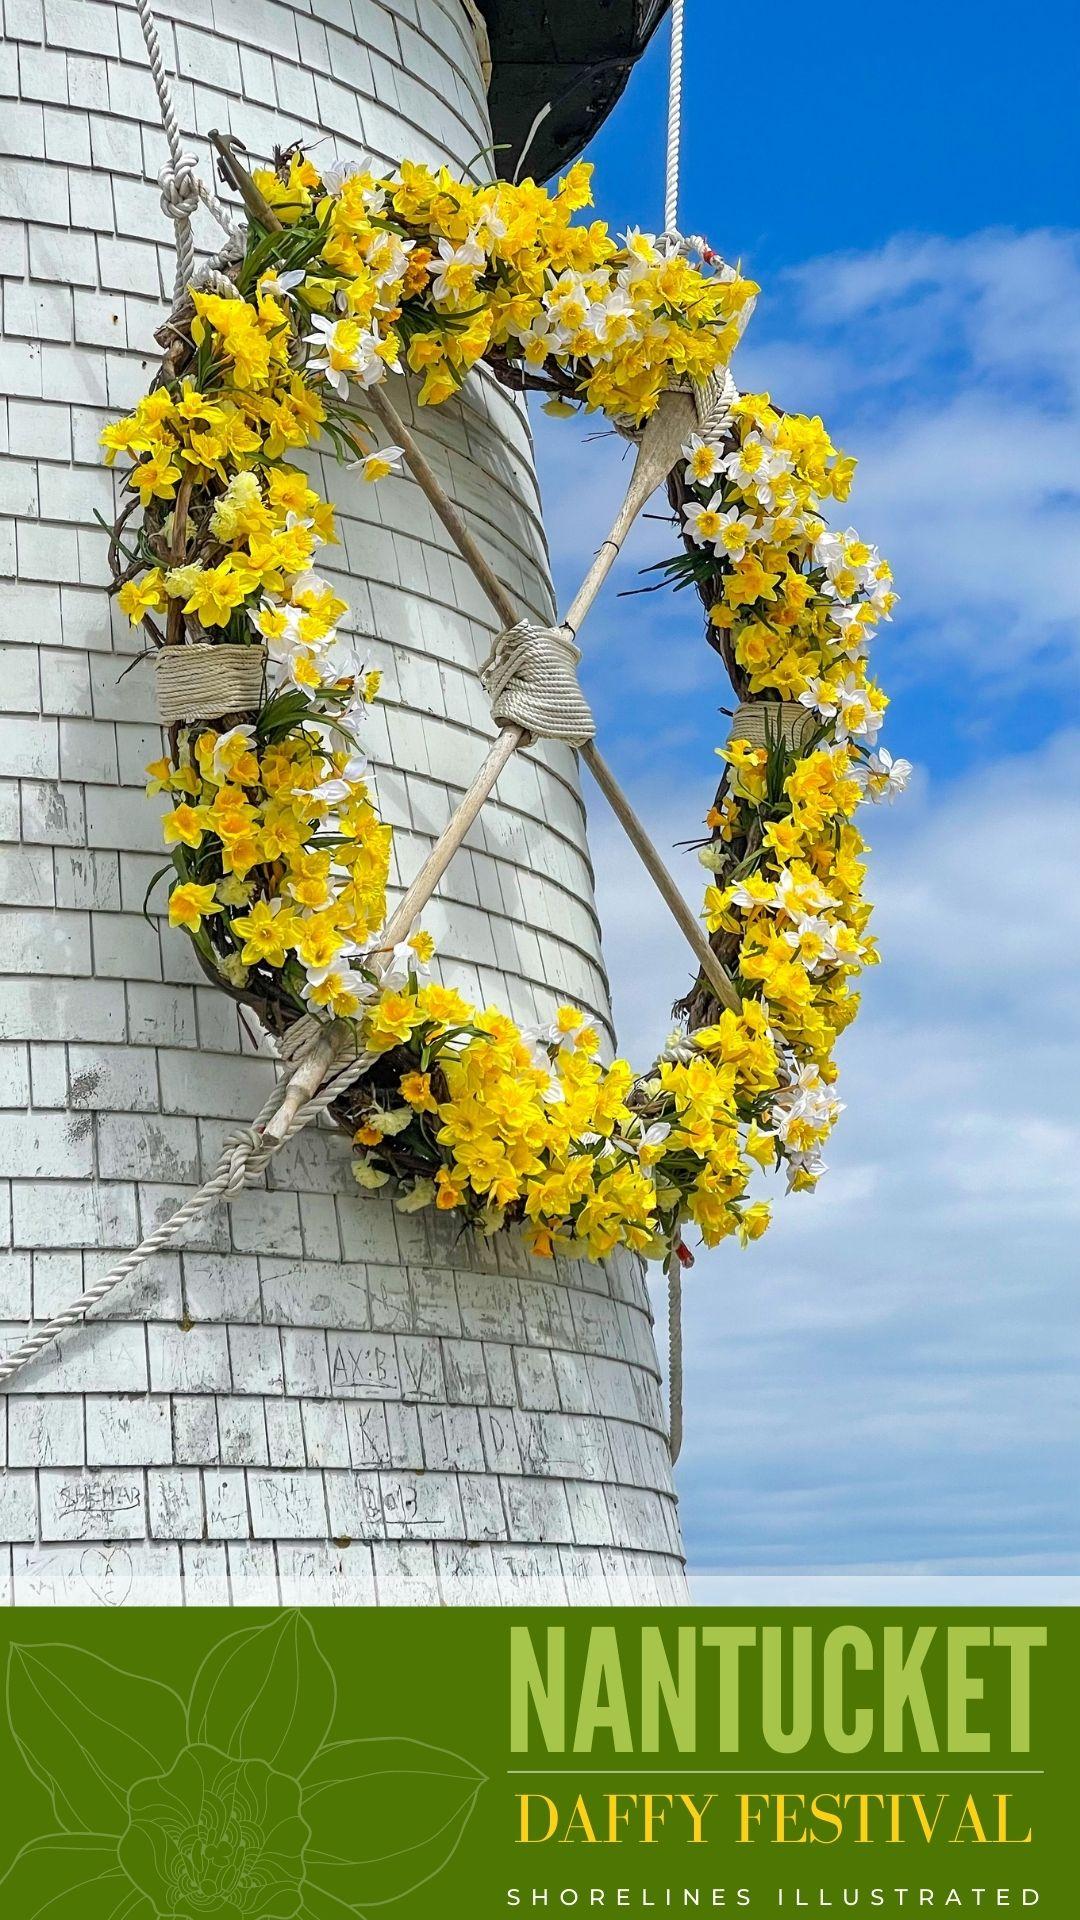 nantucket-daffodil-festival-ack-daffy-28